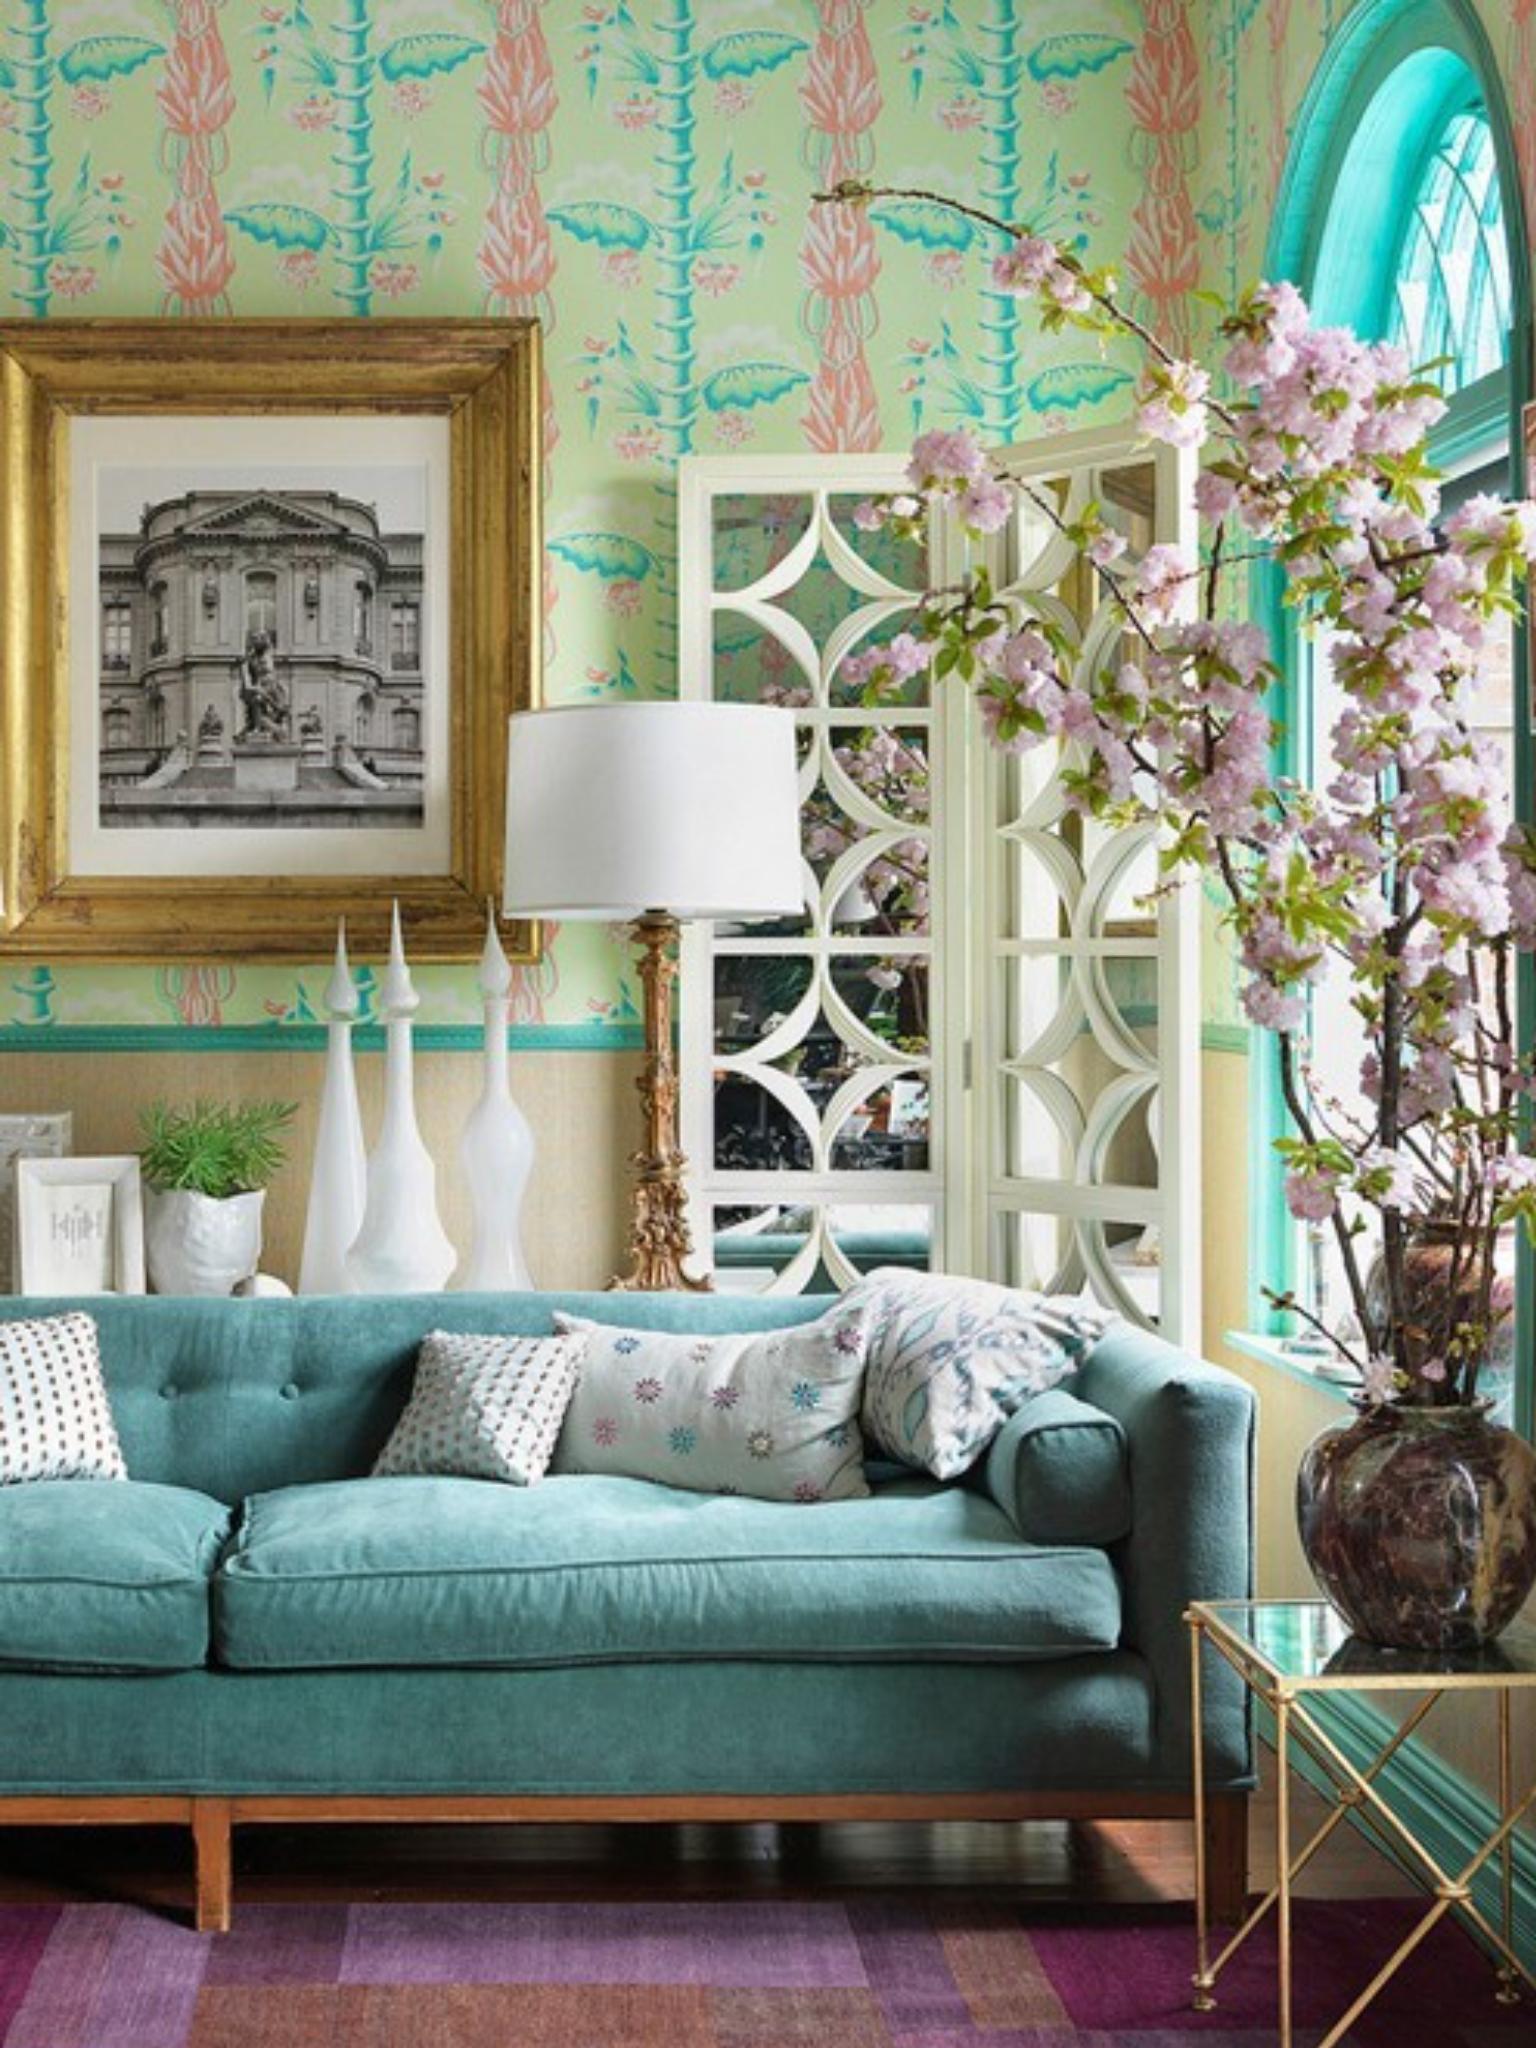 Salon Canape Fauteuil Detente Tapis Bibliotheque Meuble Decoration Livingroom Couch Armchair R Living Room Color Schemes Interior Living Room Color